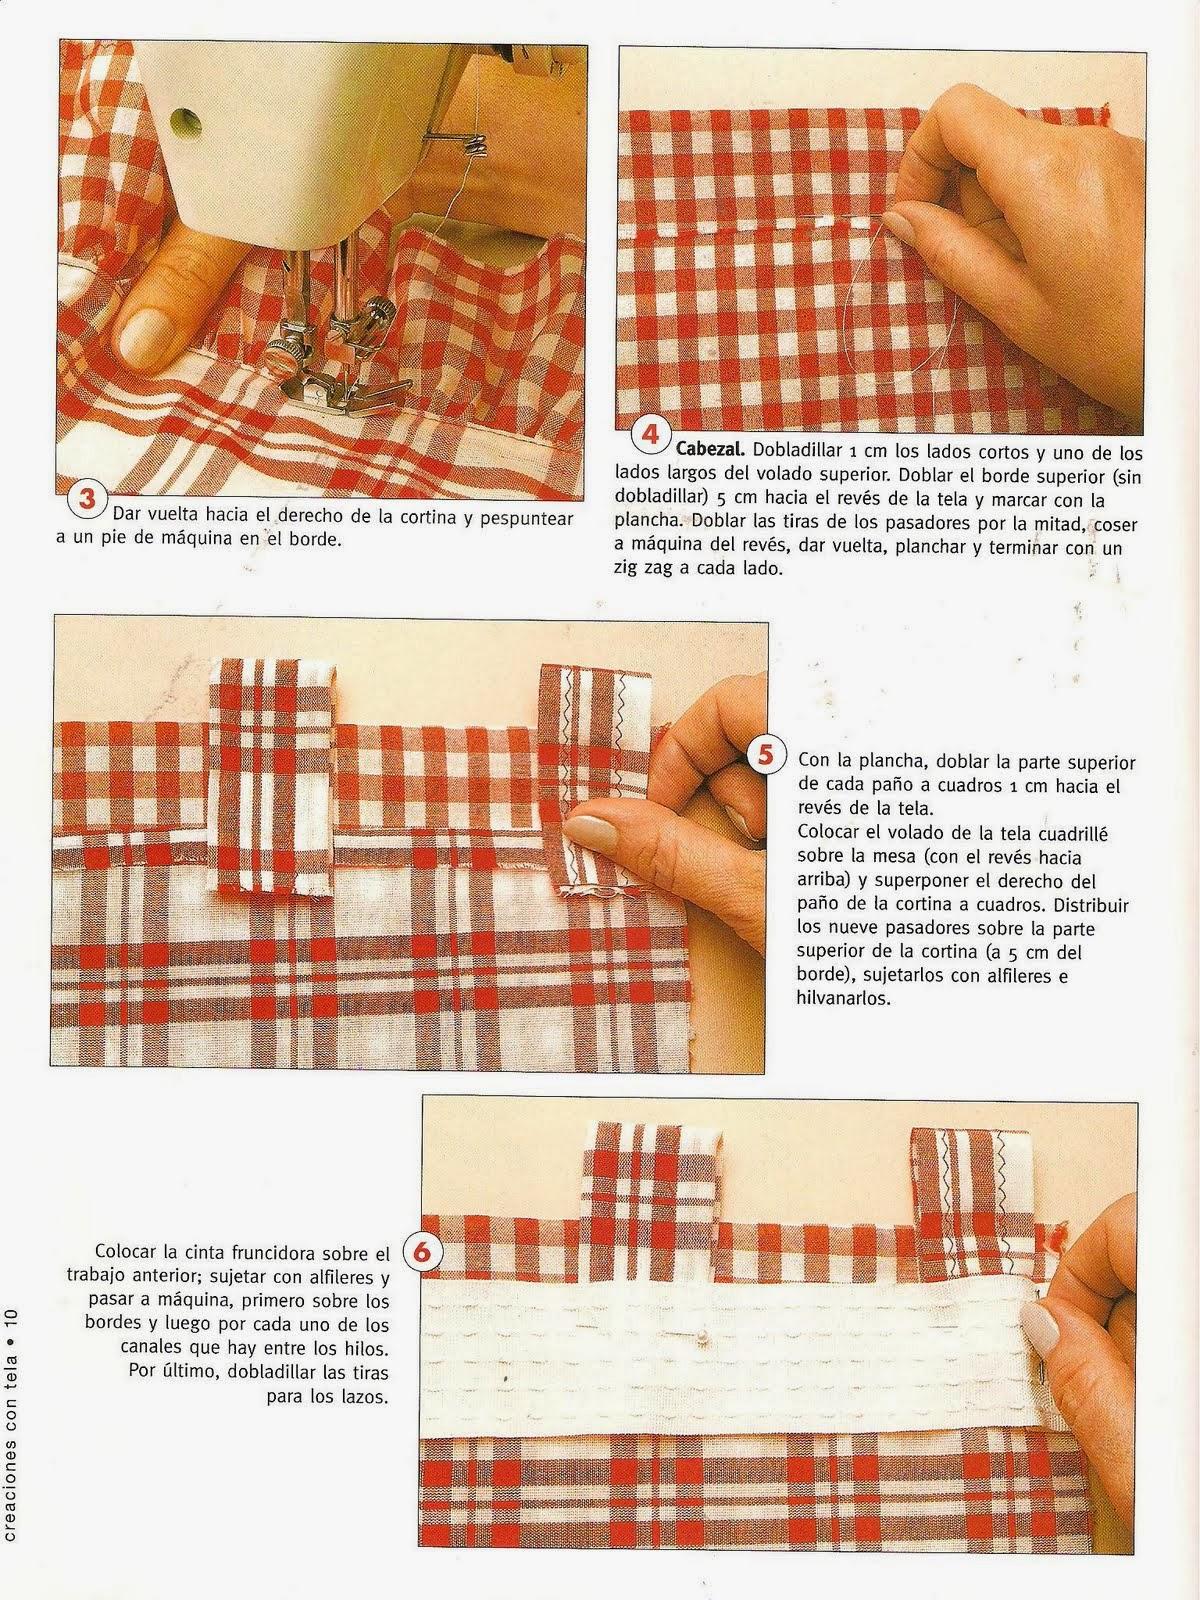 Como hacer cortinas revistas de manualidades gratis - Como hacer cortinas de cocina paso a paso ...